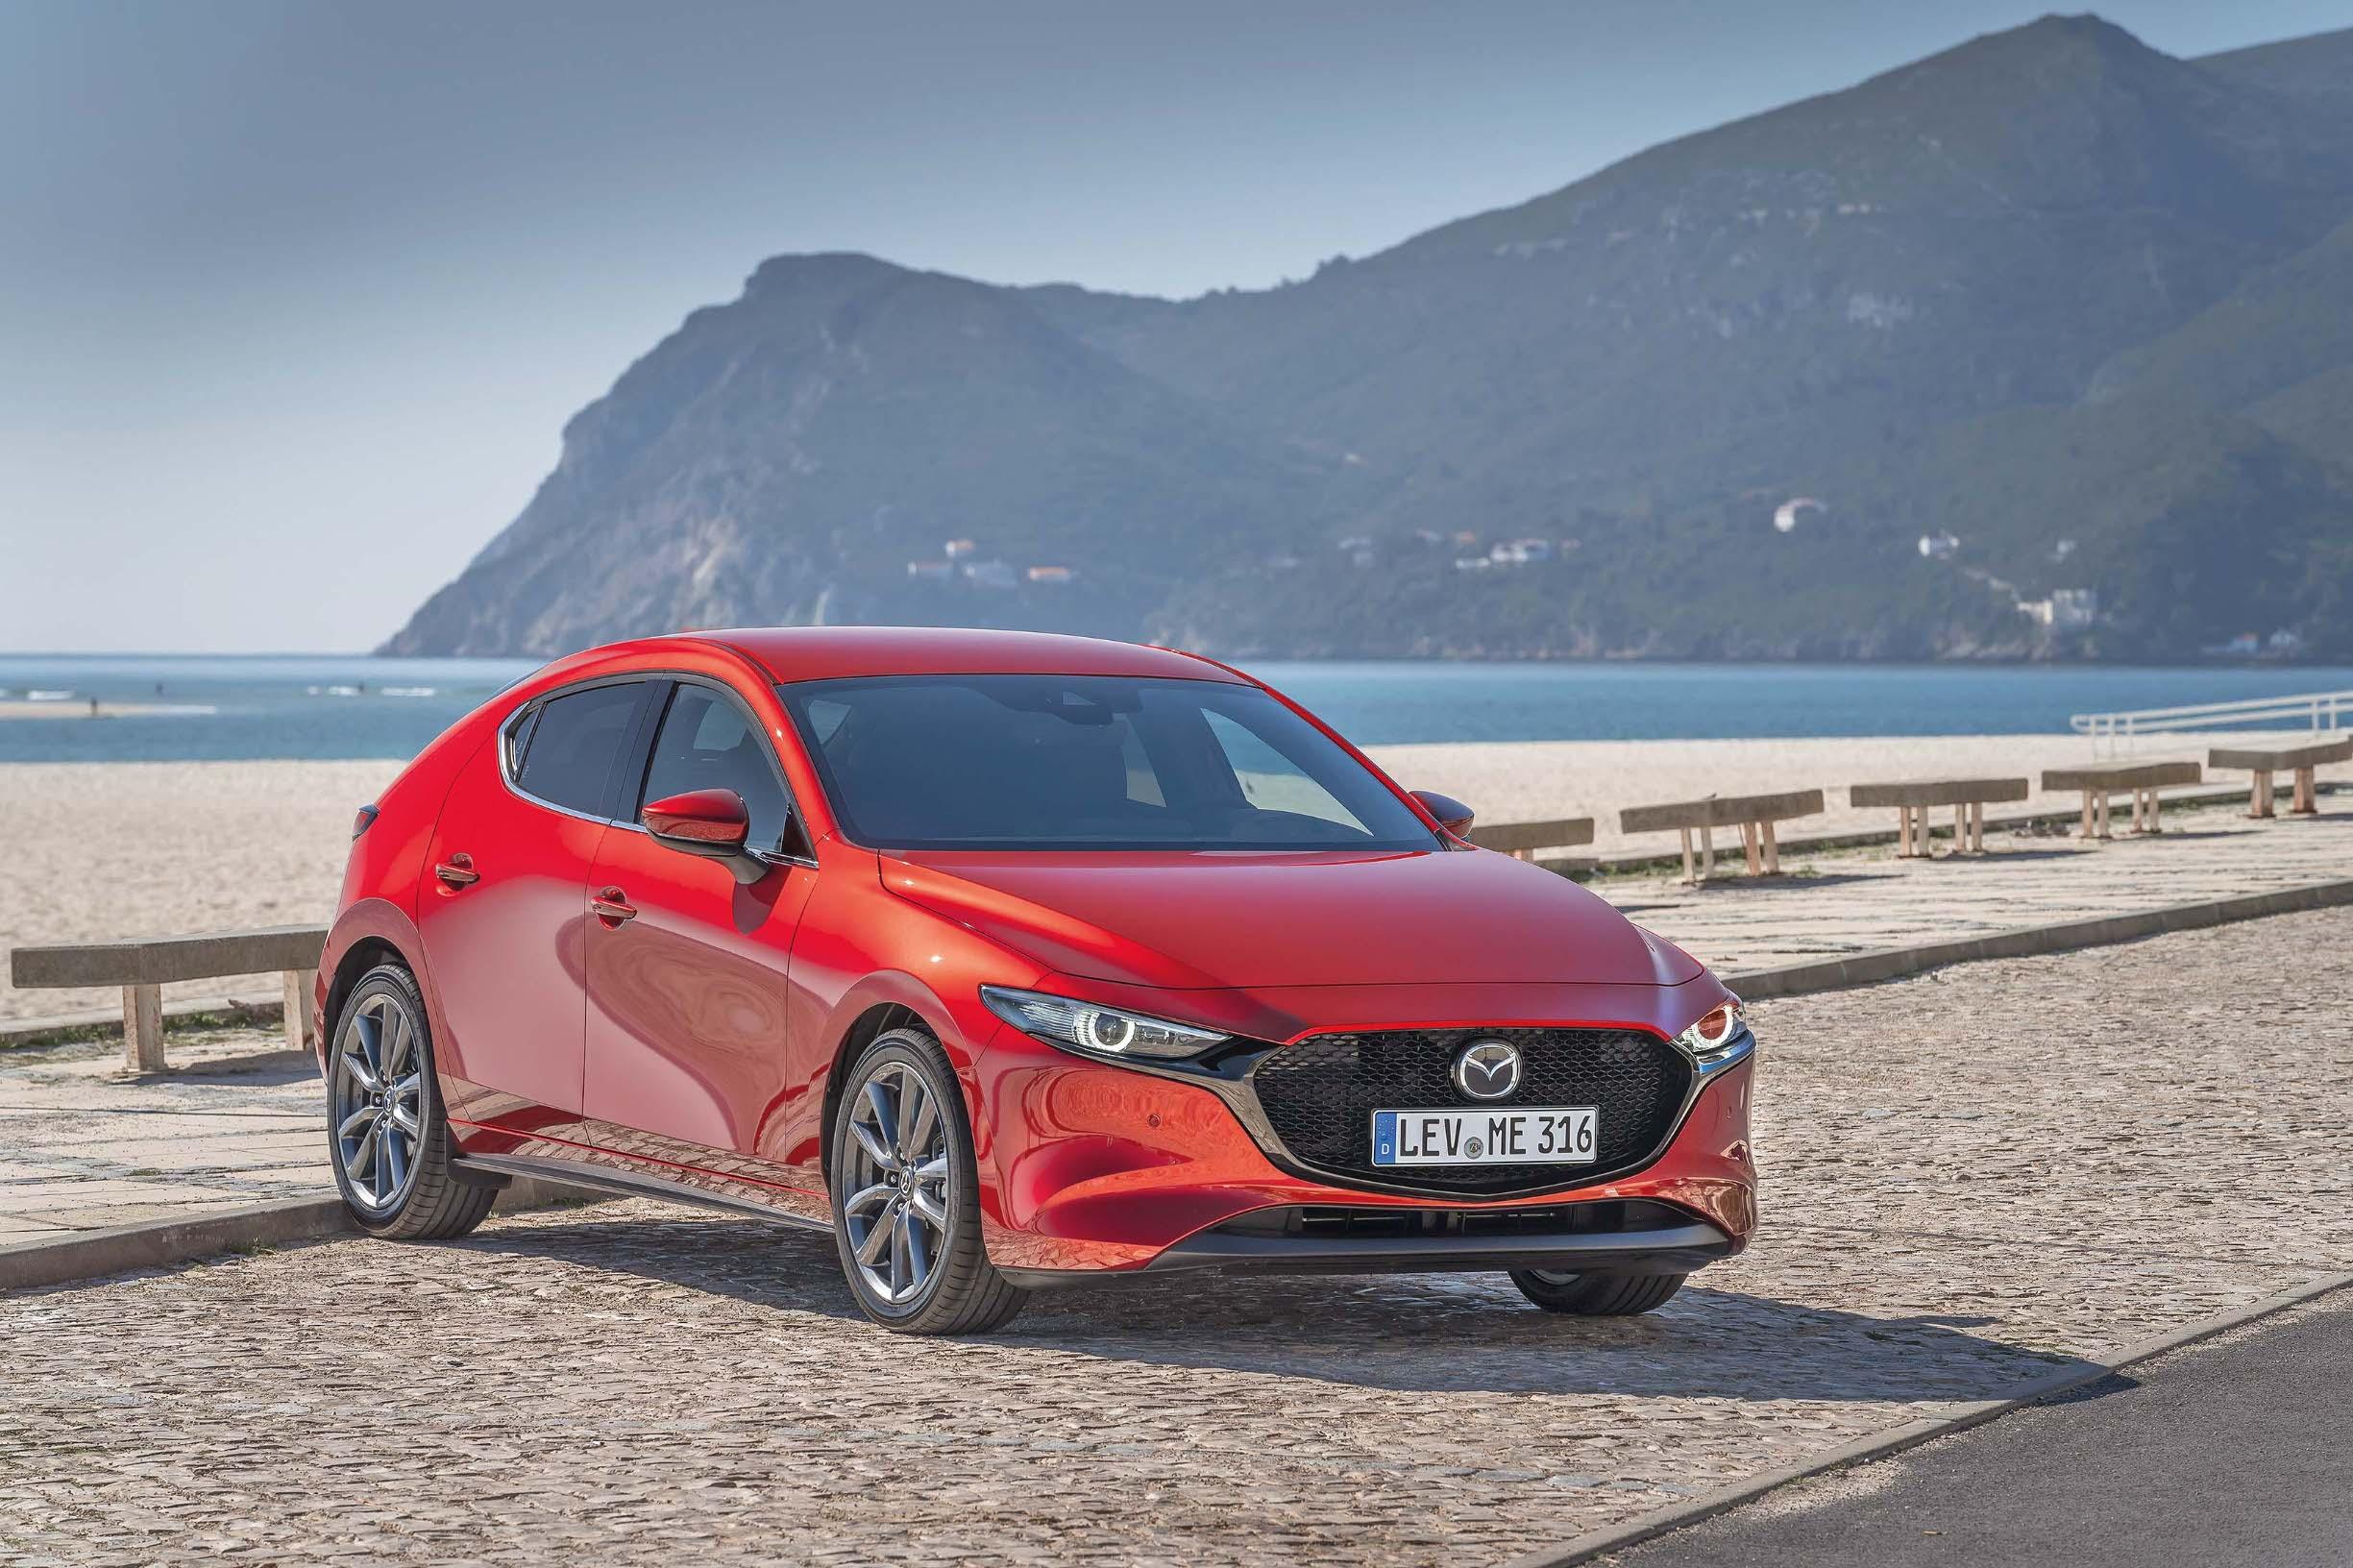 Mazda 3, na glasu kao jedno od trenutačno najseksepilnijih vozila na cesti, trijumfirala je i u kategoriji obiteljskog auta